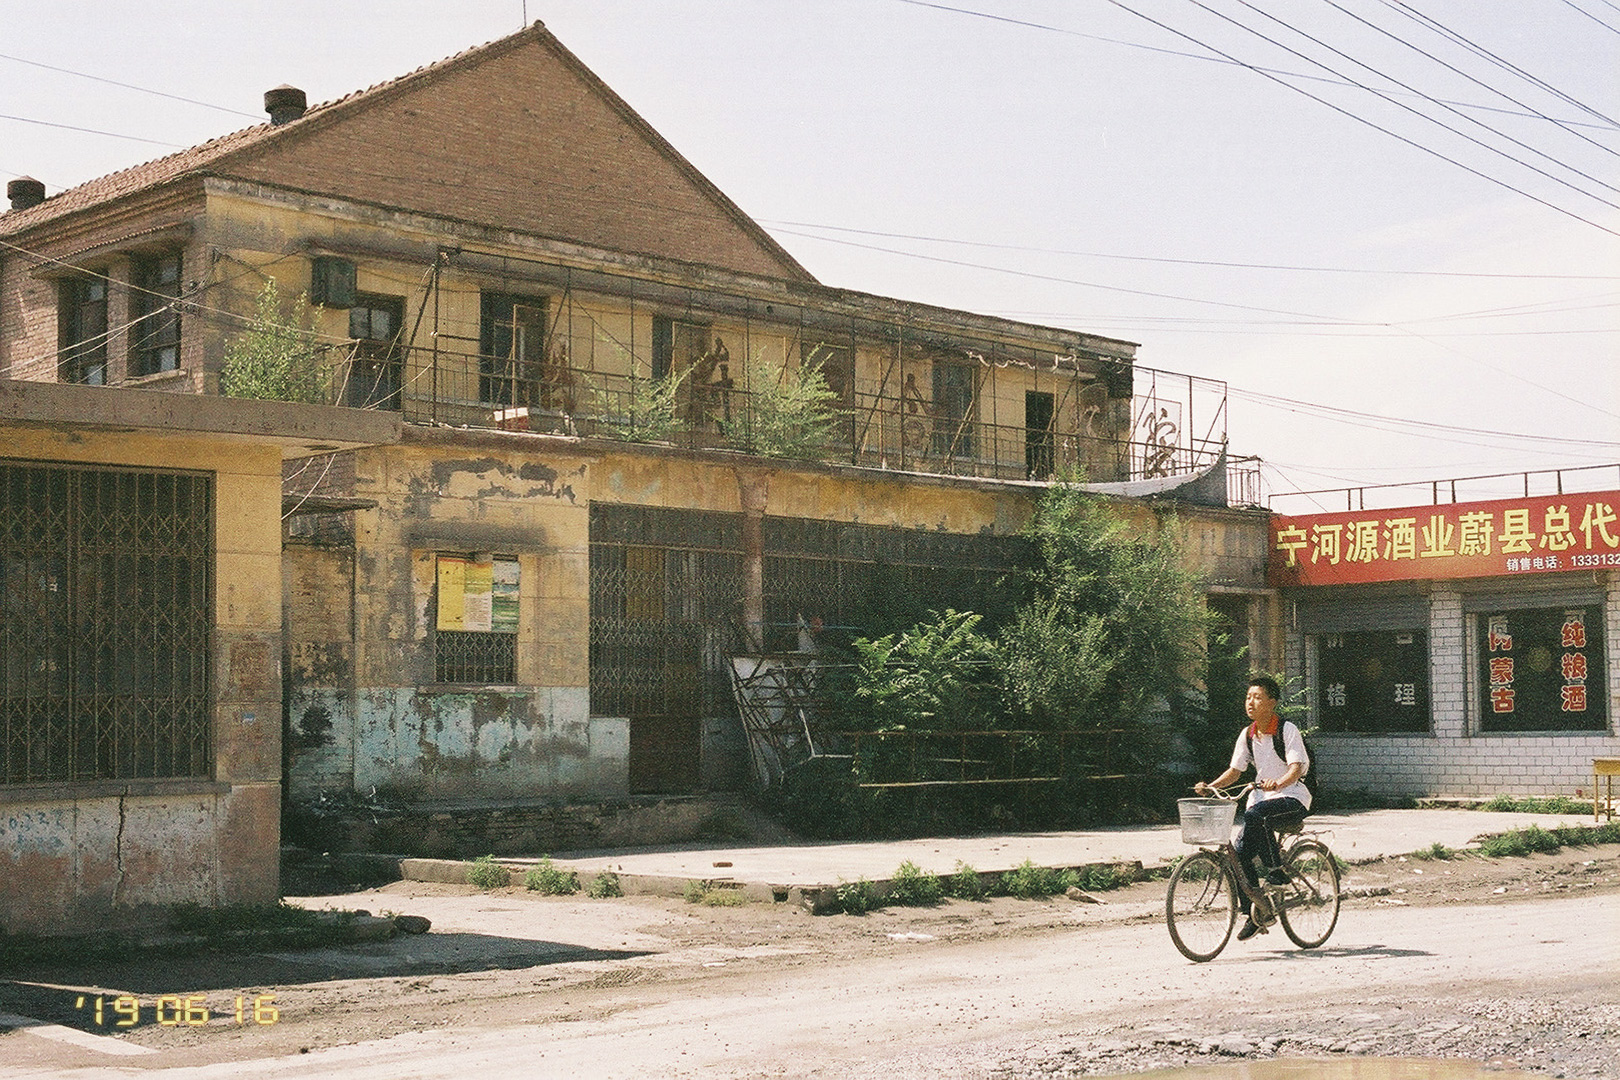 因时代发展而废弃的西合营电影院